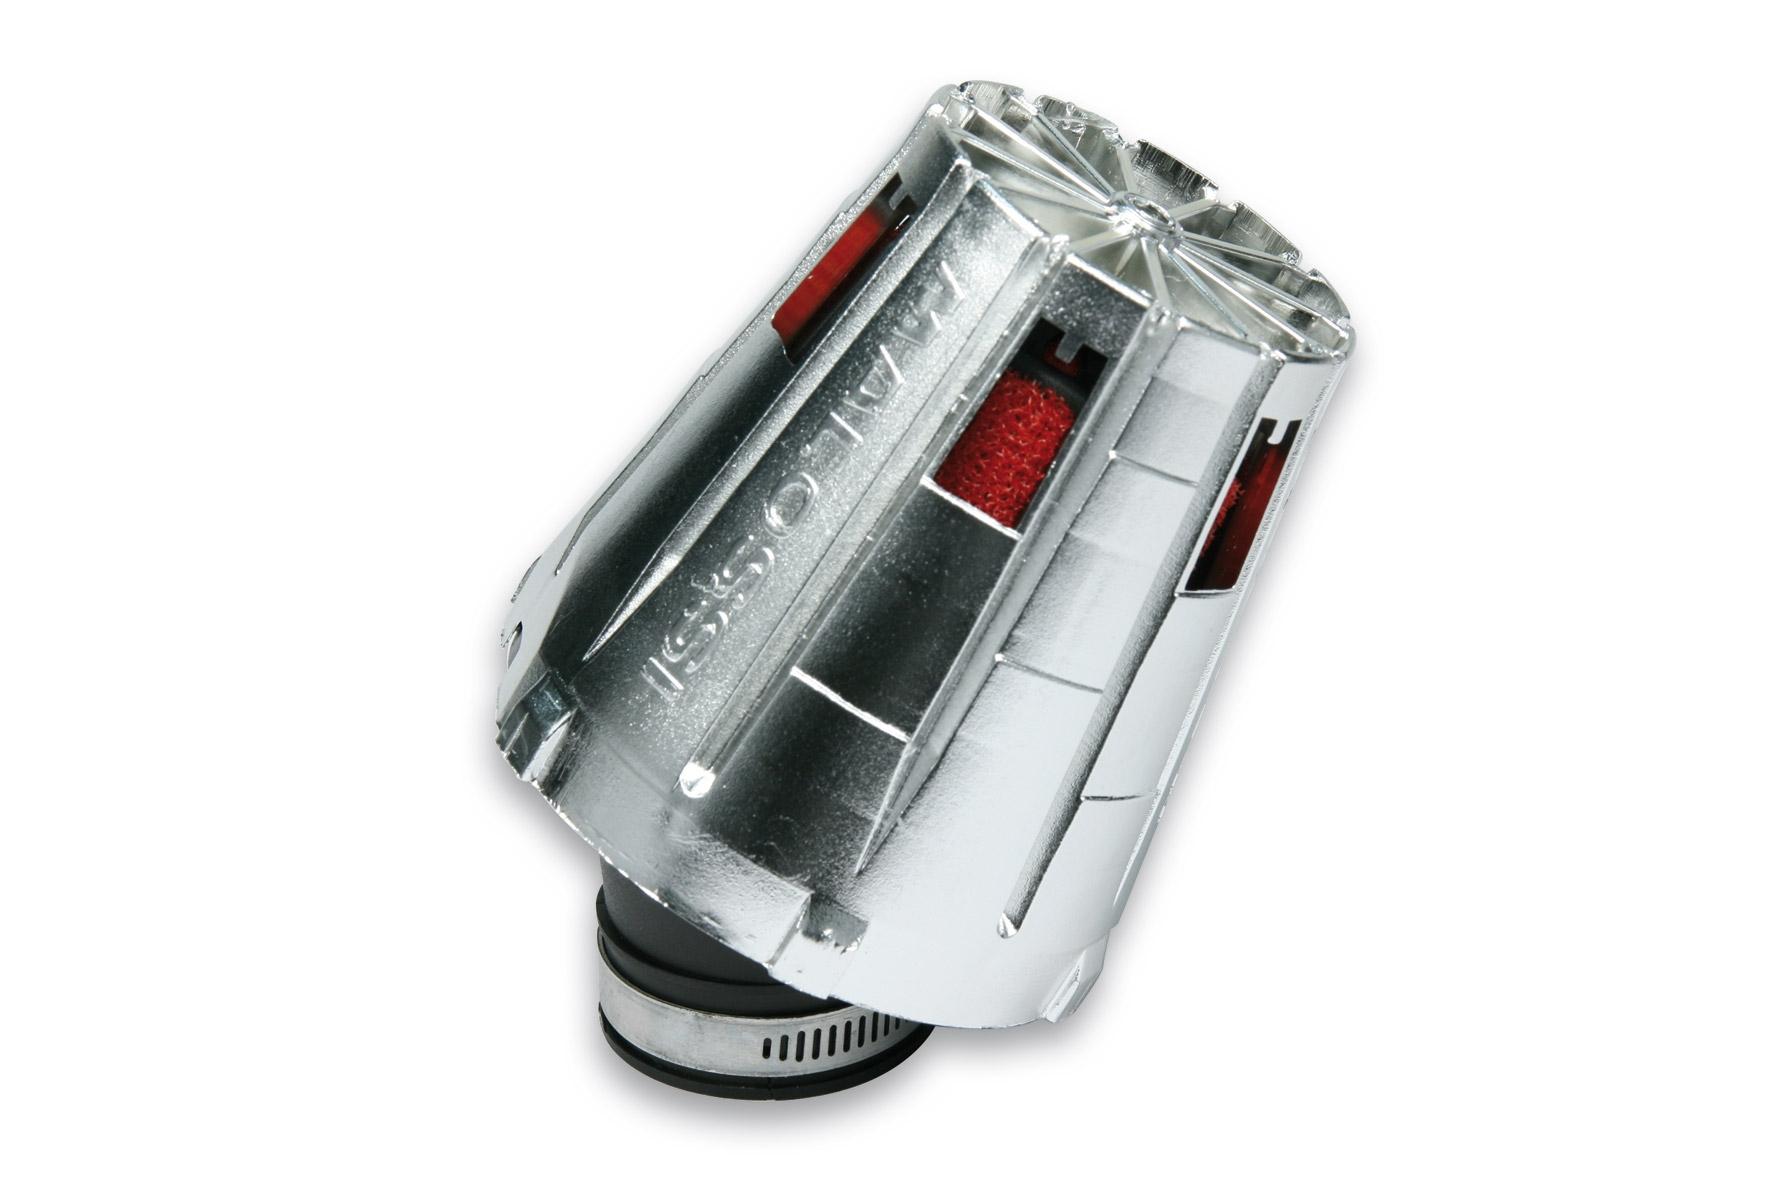 Filtre à air Malossi Red Filter E5 D.41 incliné 30 couvercle chromé